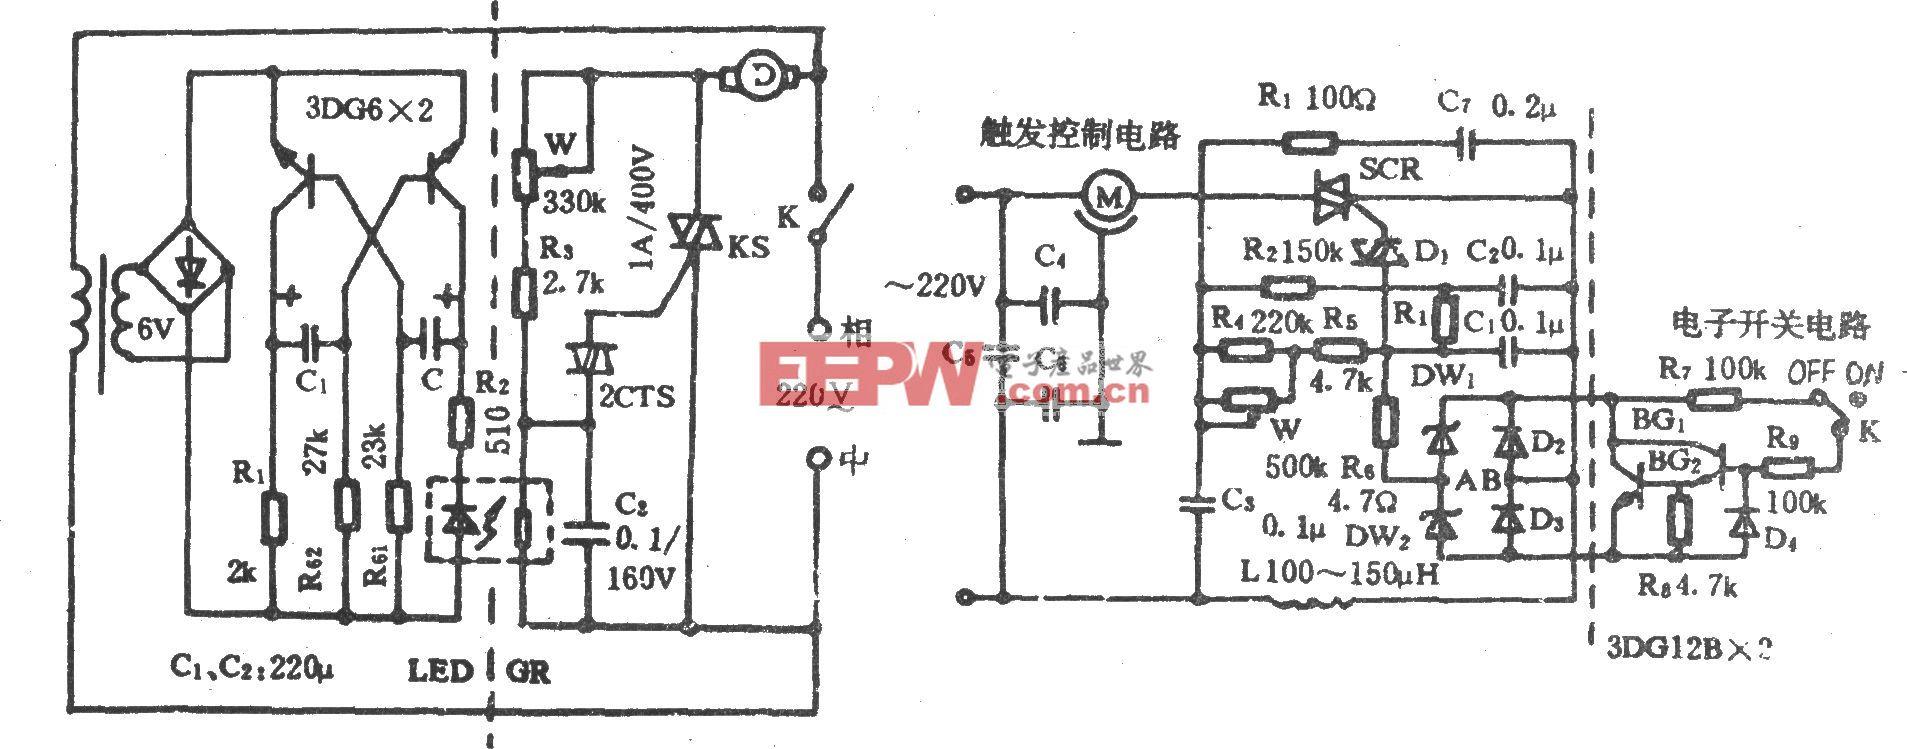 电风扇模拟阵风控制电路